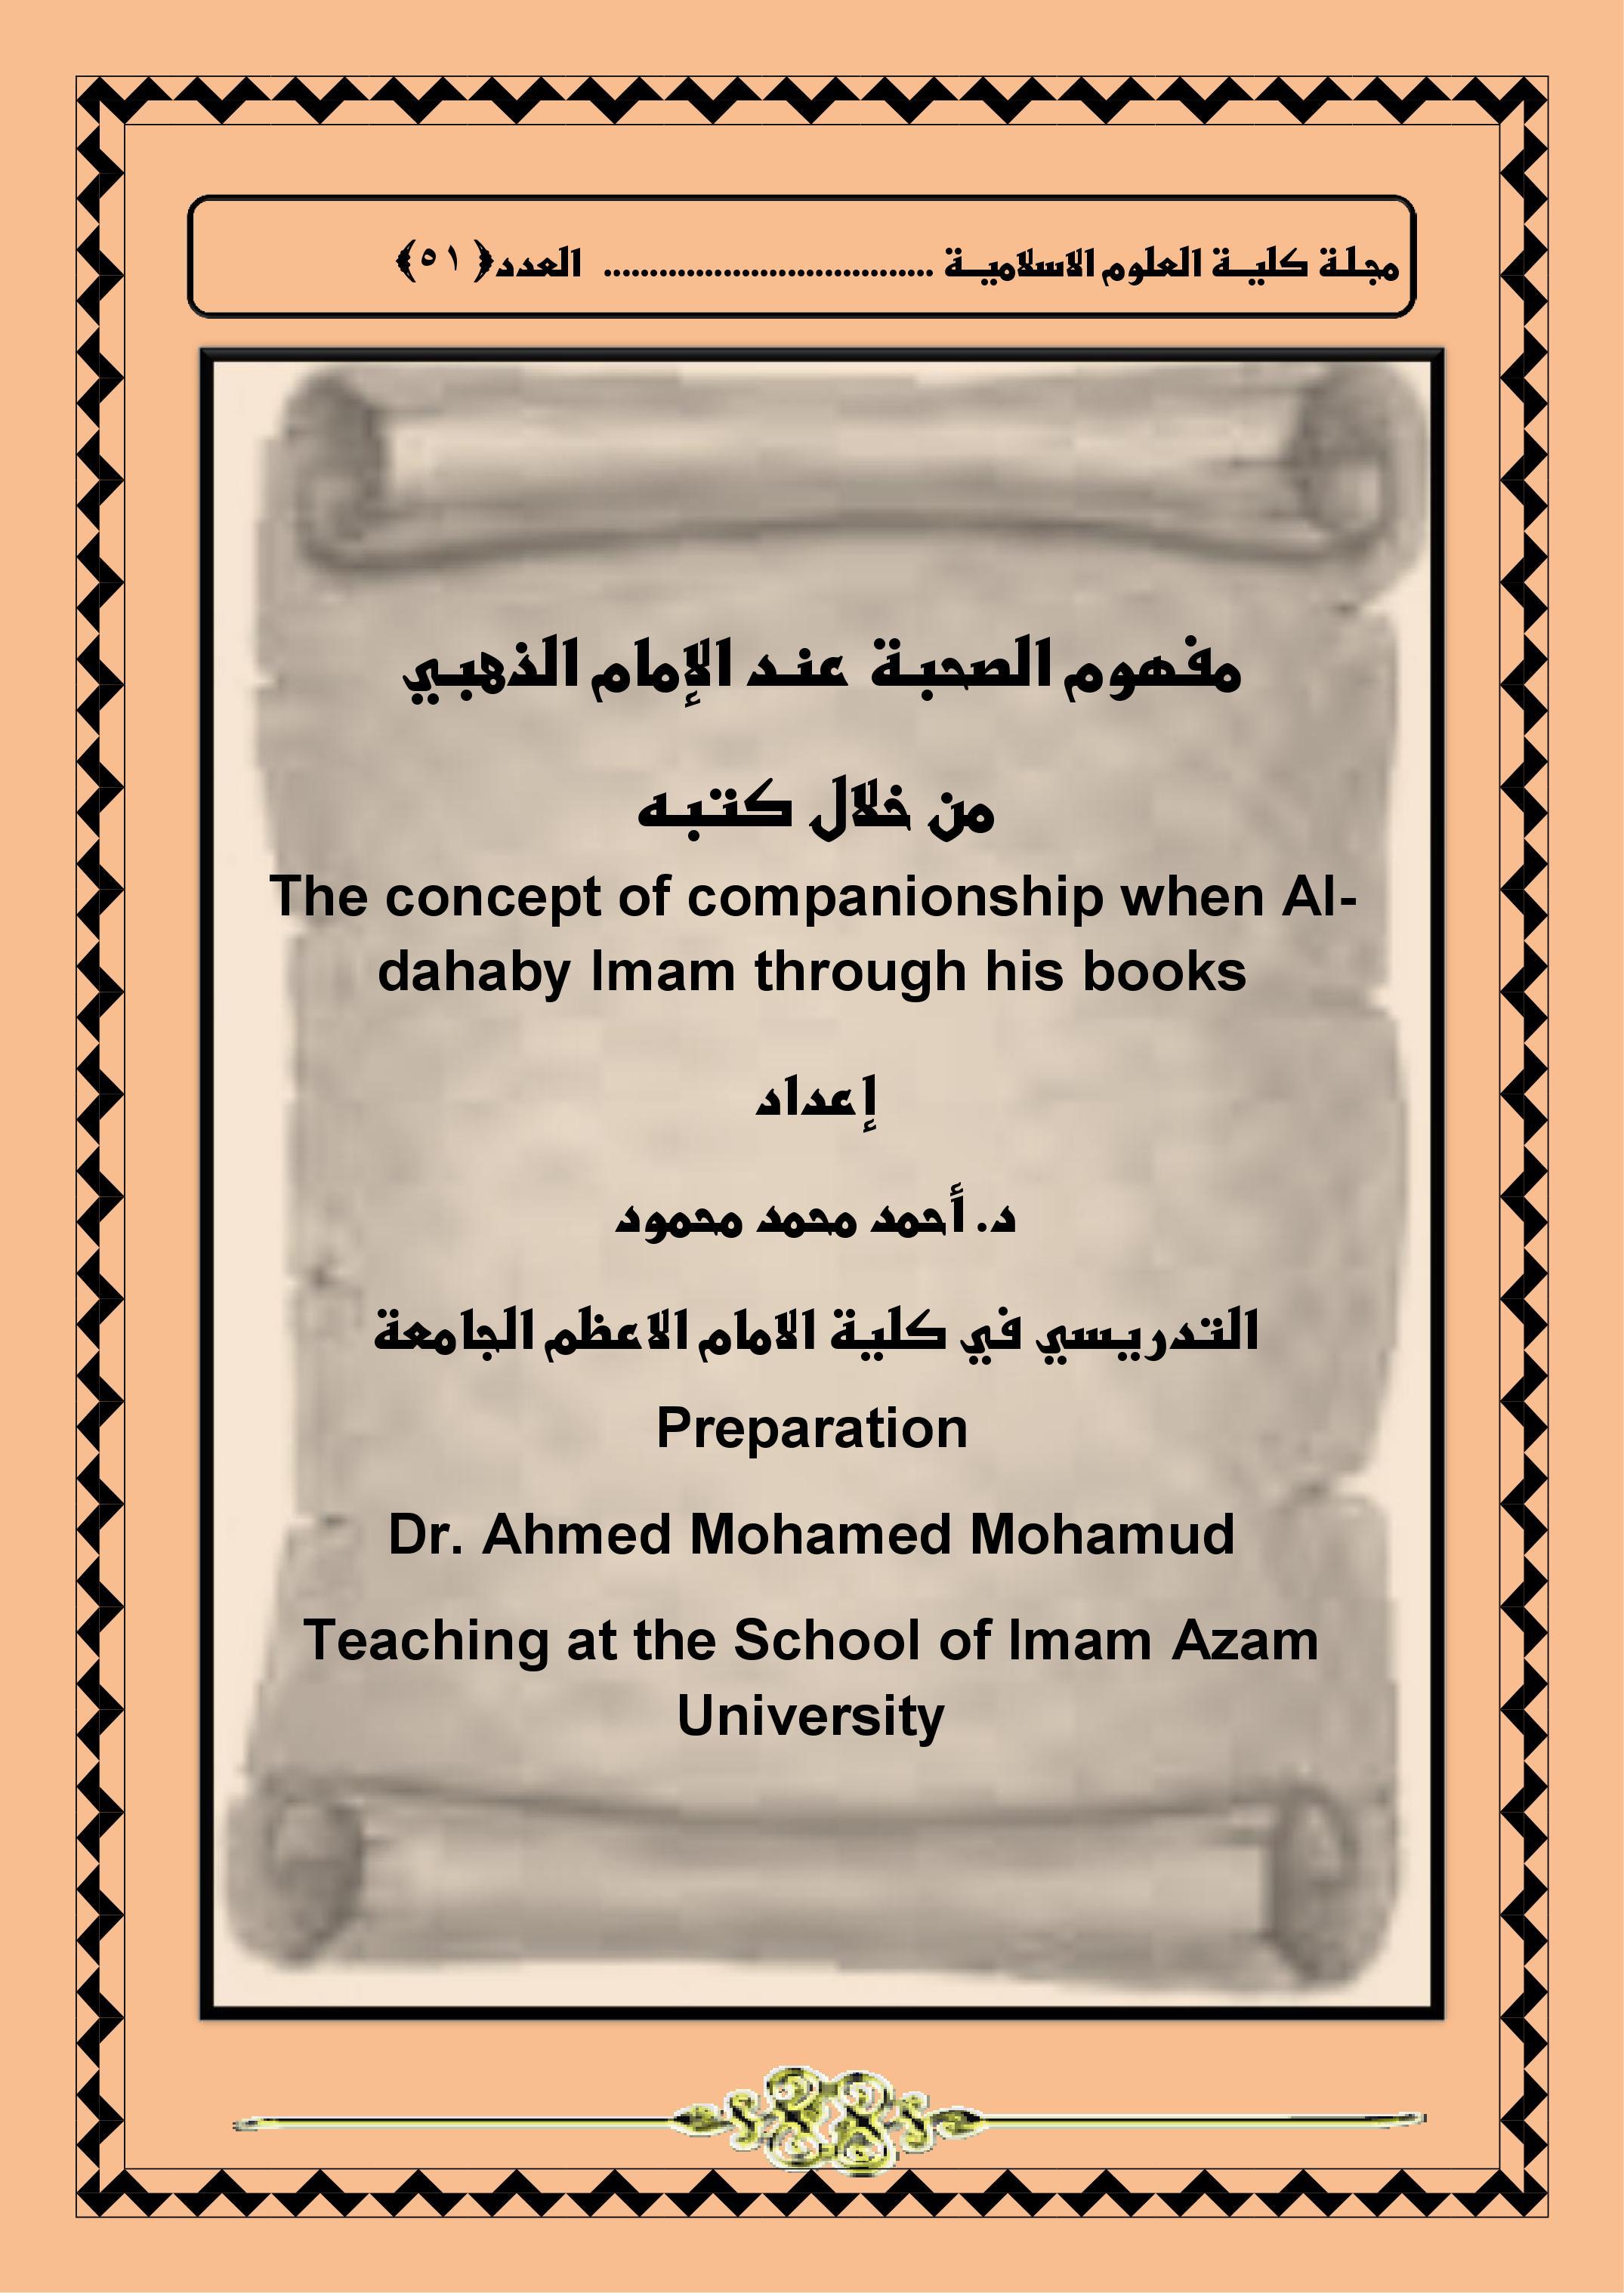 فهوم الصحبة عند الإمام الذهبي  من خلال كتبه